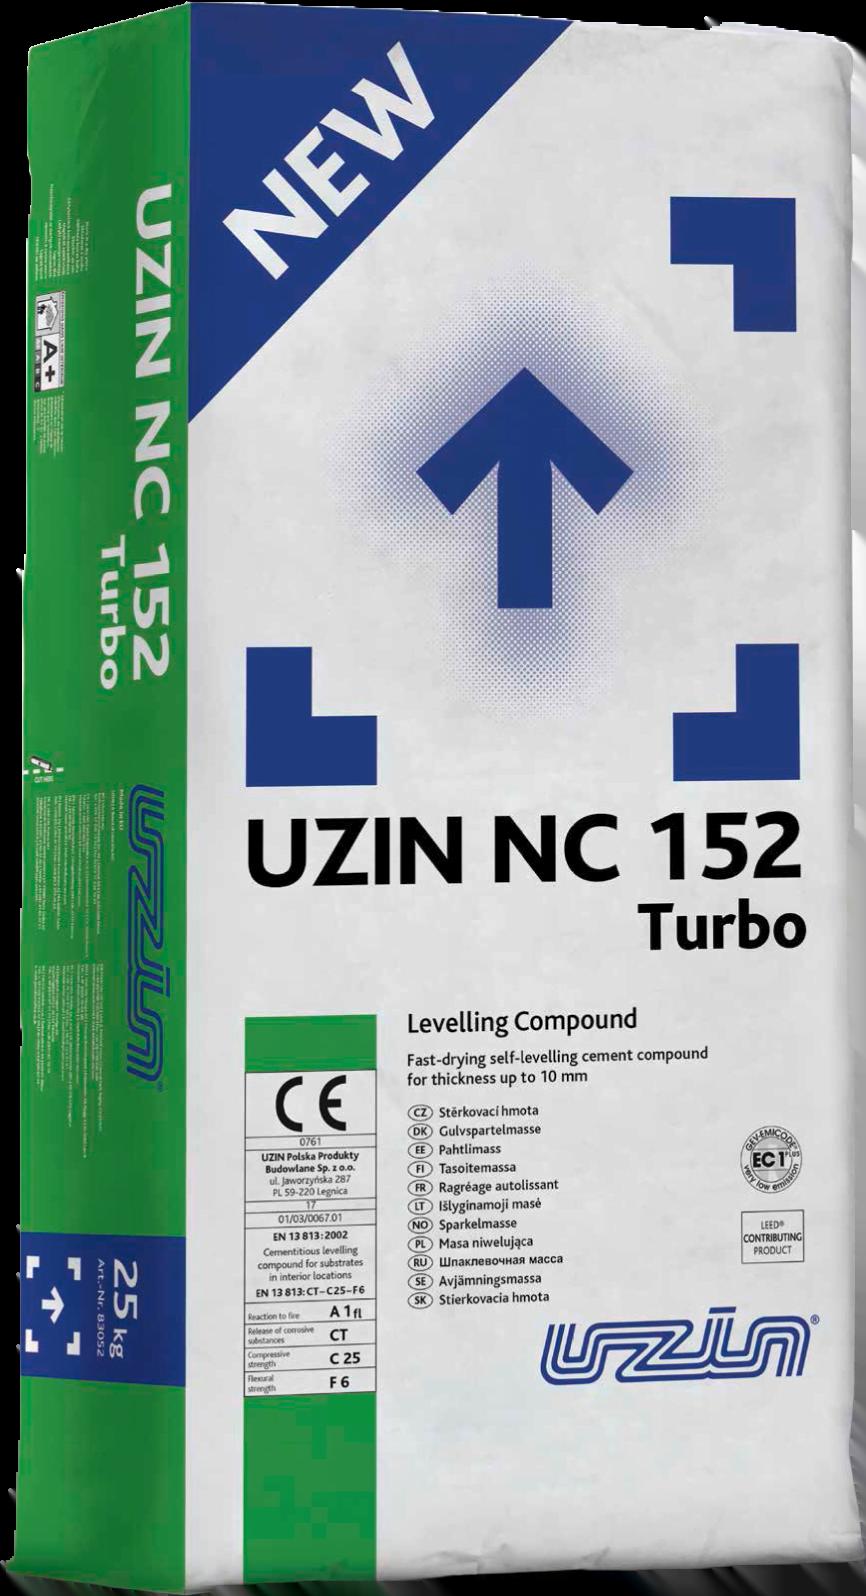 UZIN NC 152 TURBO